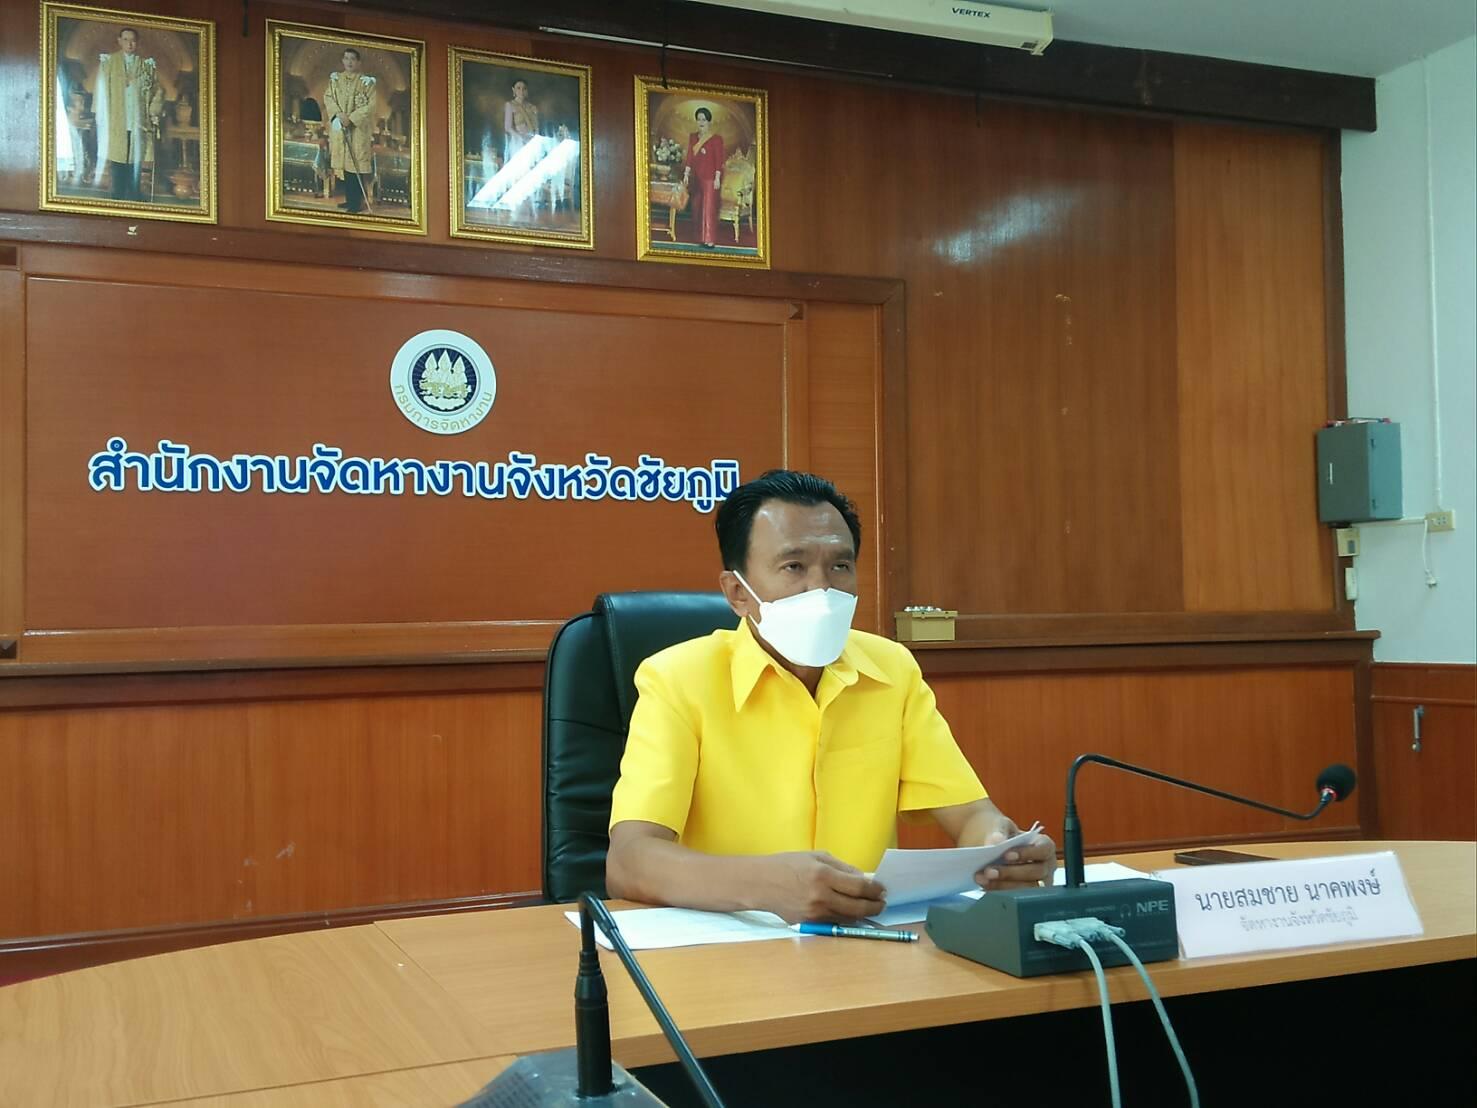 ประชุมเตรียมความพร้อมในการจัดงานการส่งเสริมการมีงานทำและสนับสนุนการจ้างงานคนพิการเชิงสังคม